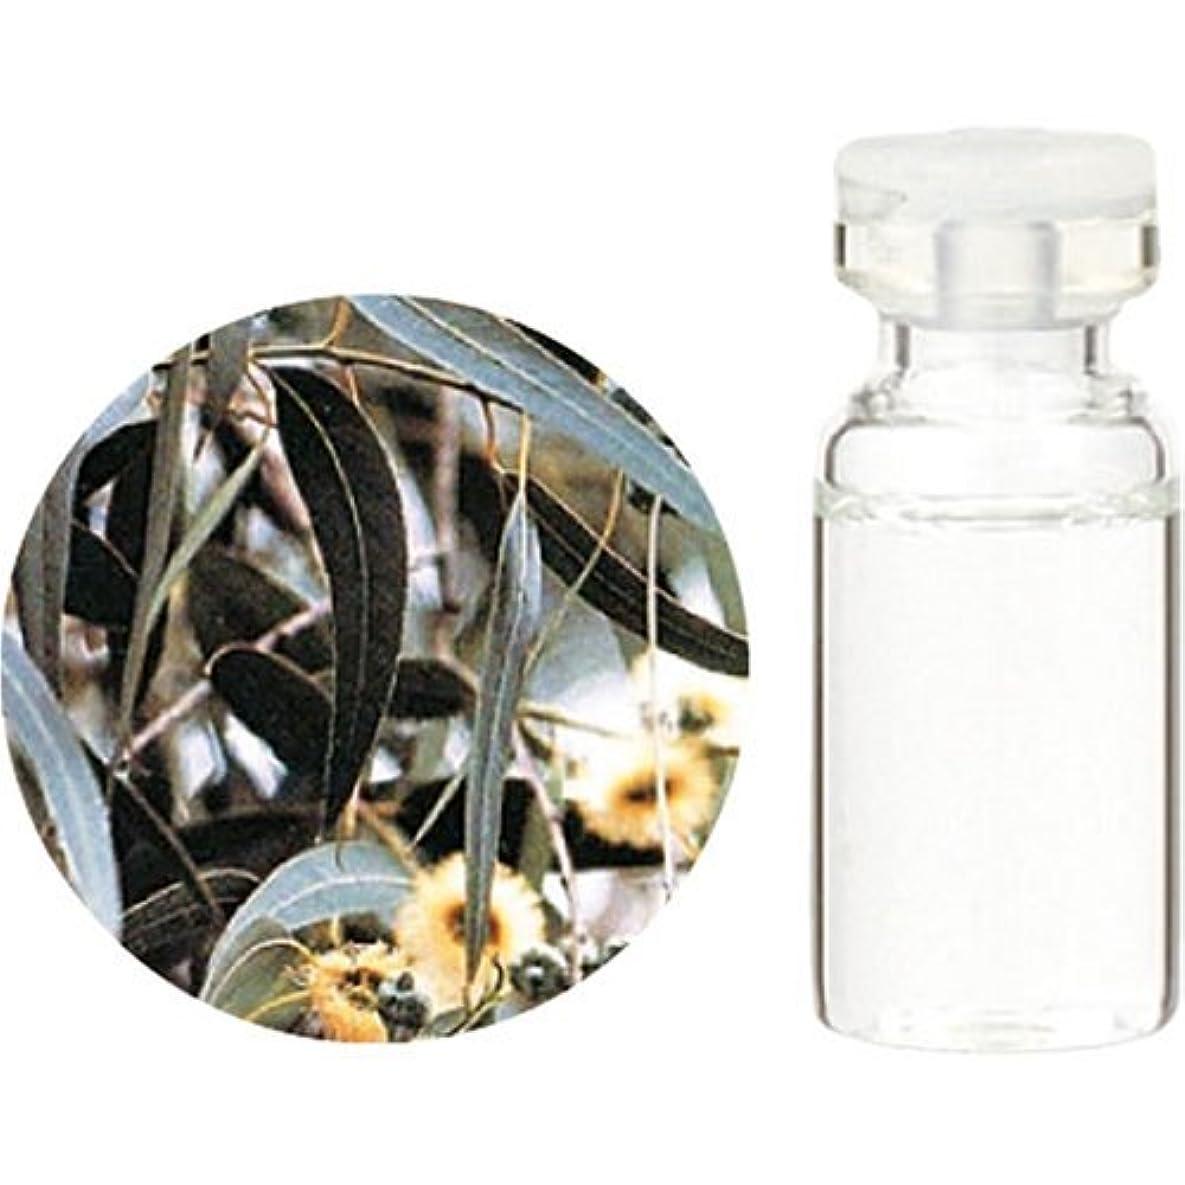 蒸留する鎮静剤唯一生活の木 エッセンシャルオイル ユーカリ?グロブルス 10ml